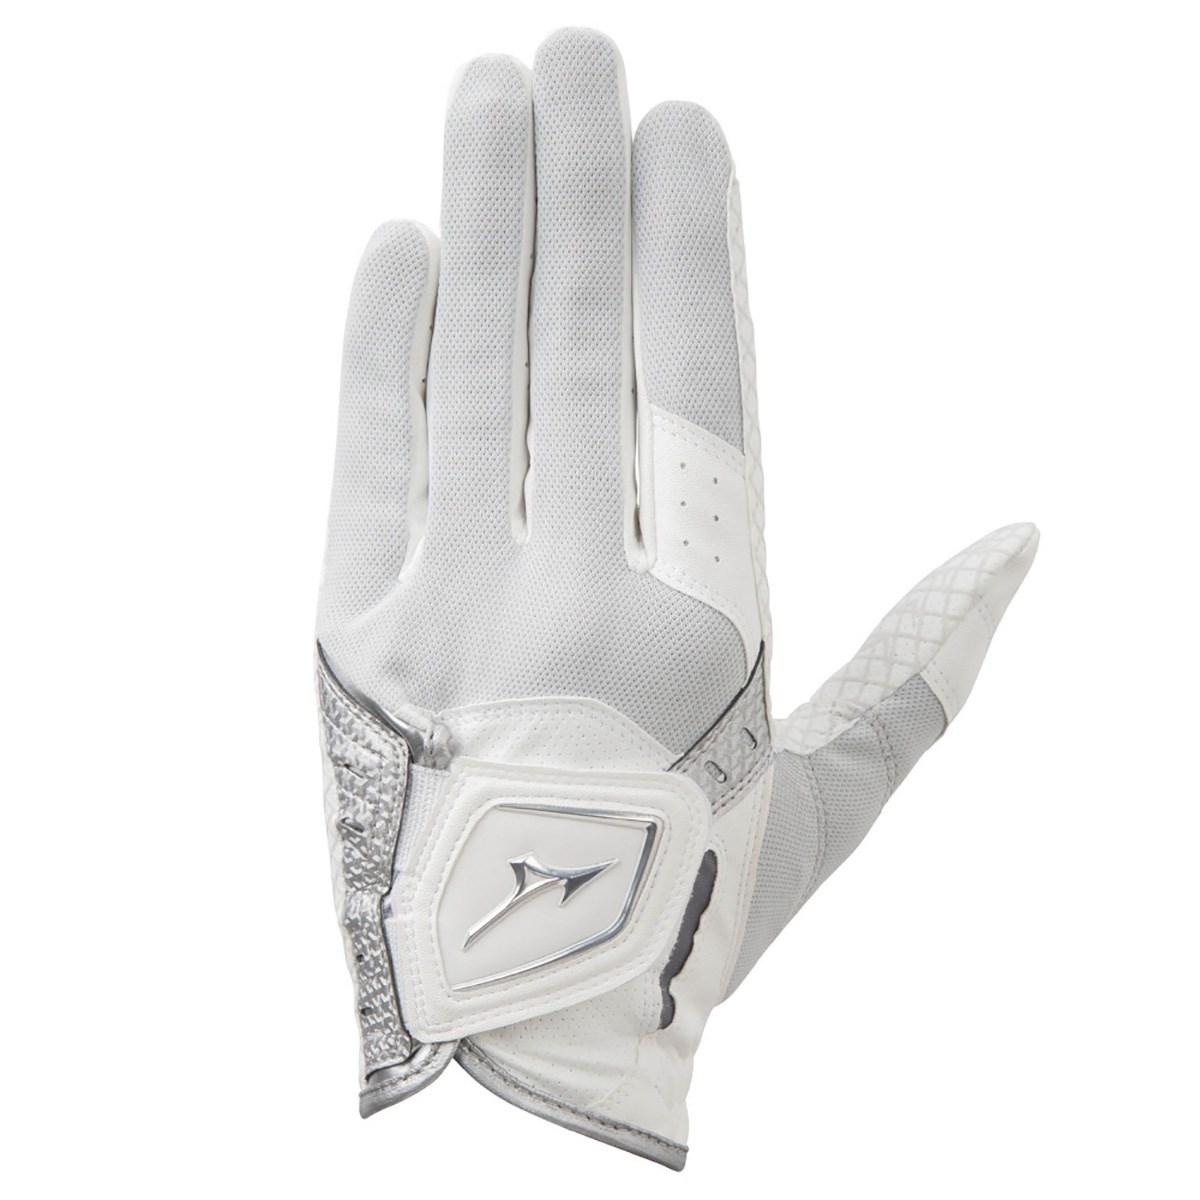 ミズノ MIZUNO クールグリップ グローブ 21cm 左手着用(右利き用) ホワイト/シルバー